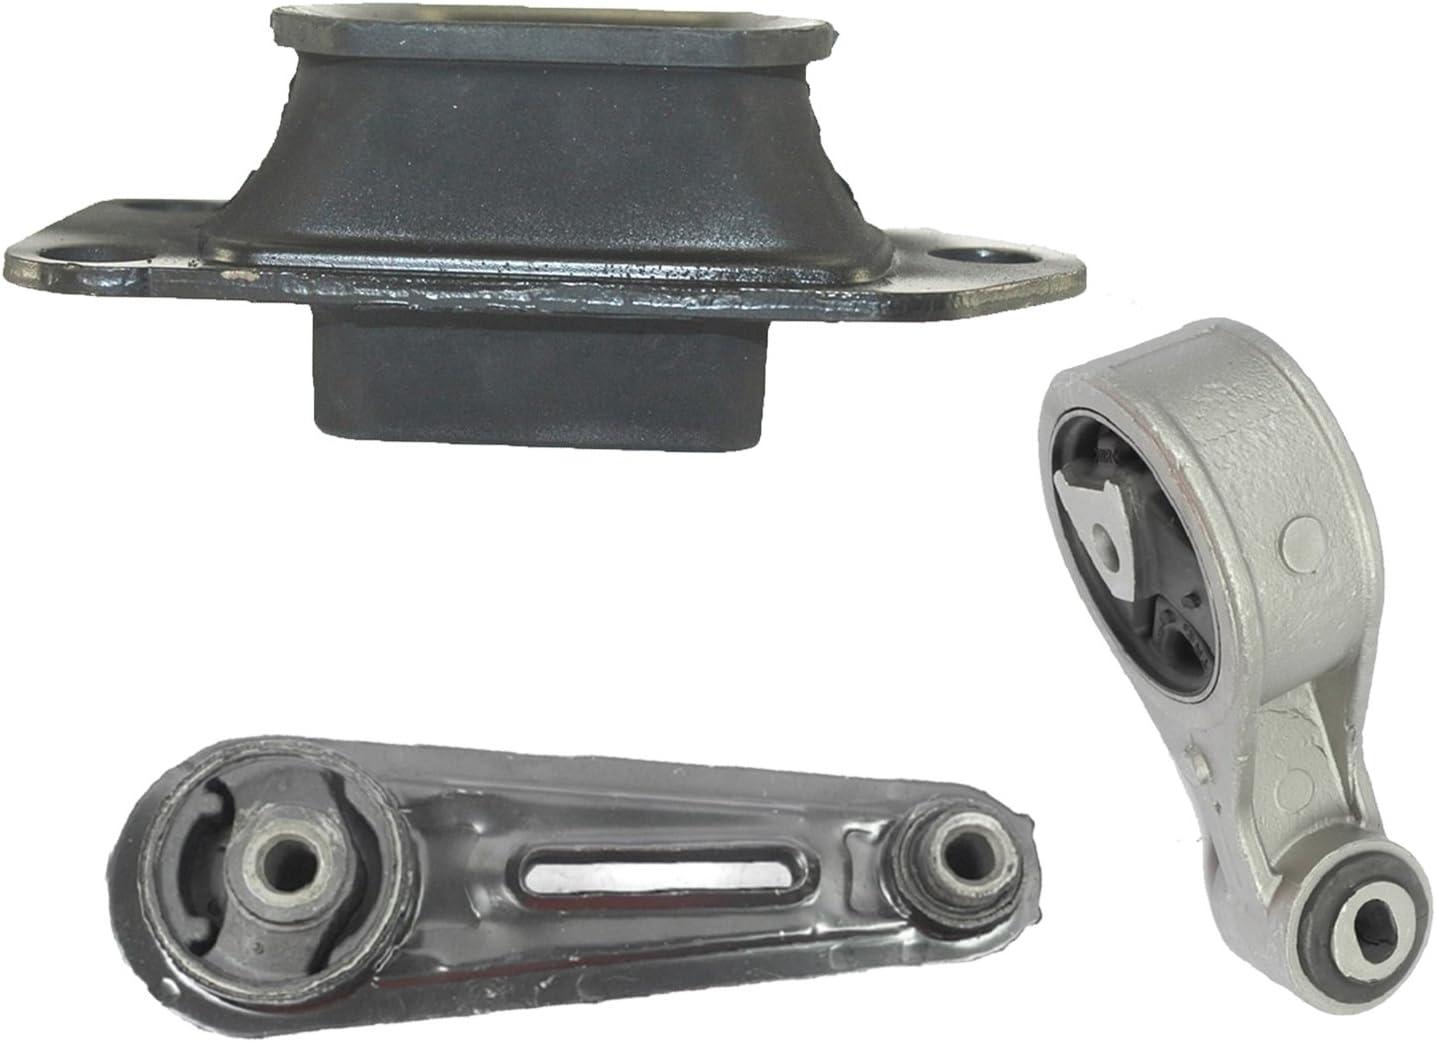 New For 9452 4351 Torque Strut Front Upper Engine Motor Mount For Nissan